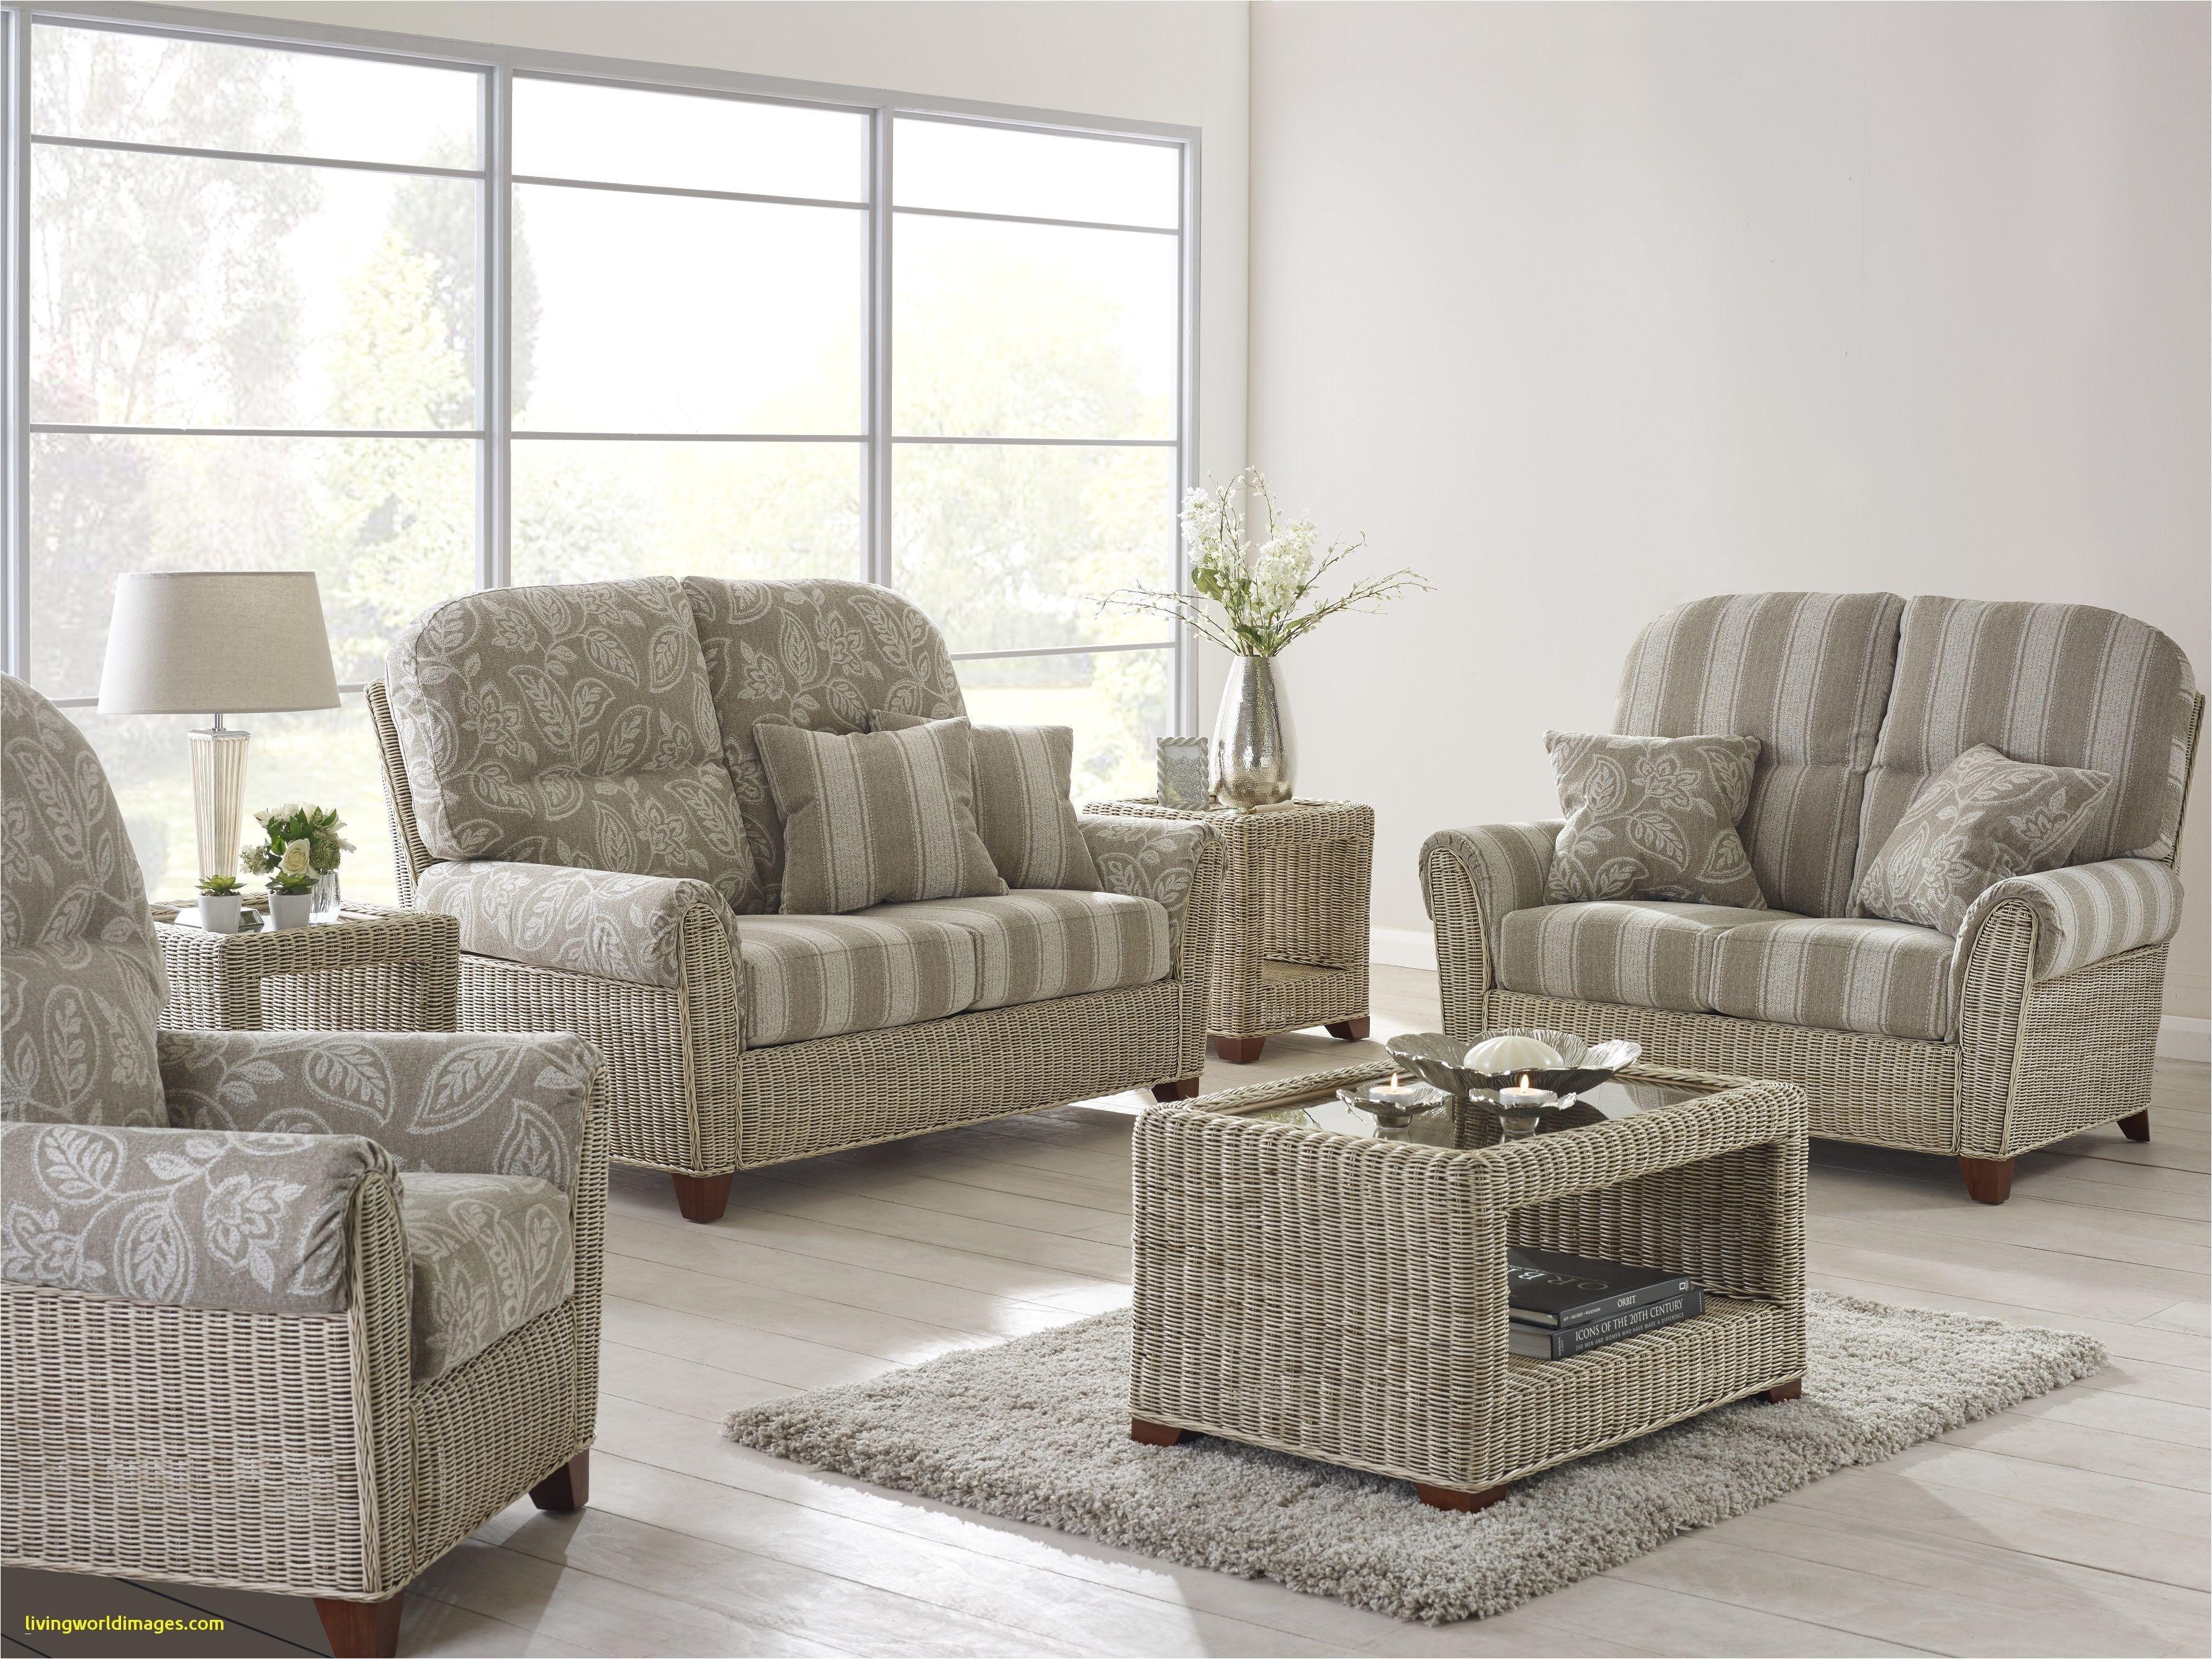 Aarons Furniture Sale Elegant Living Room Furniture Sets Online Livingworldimages